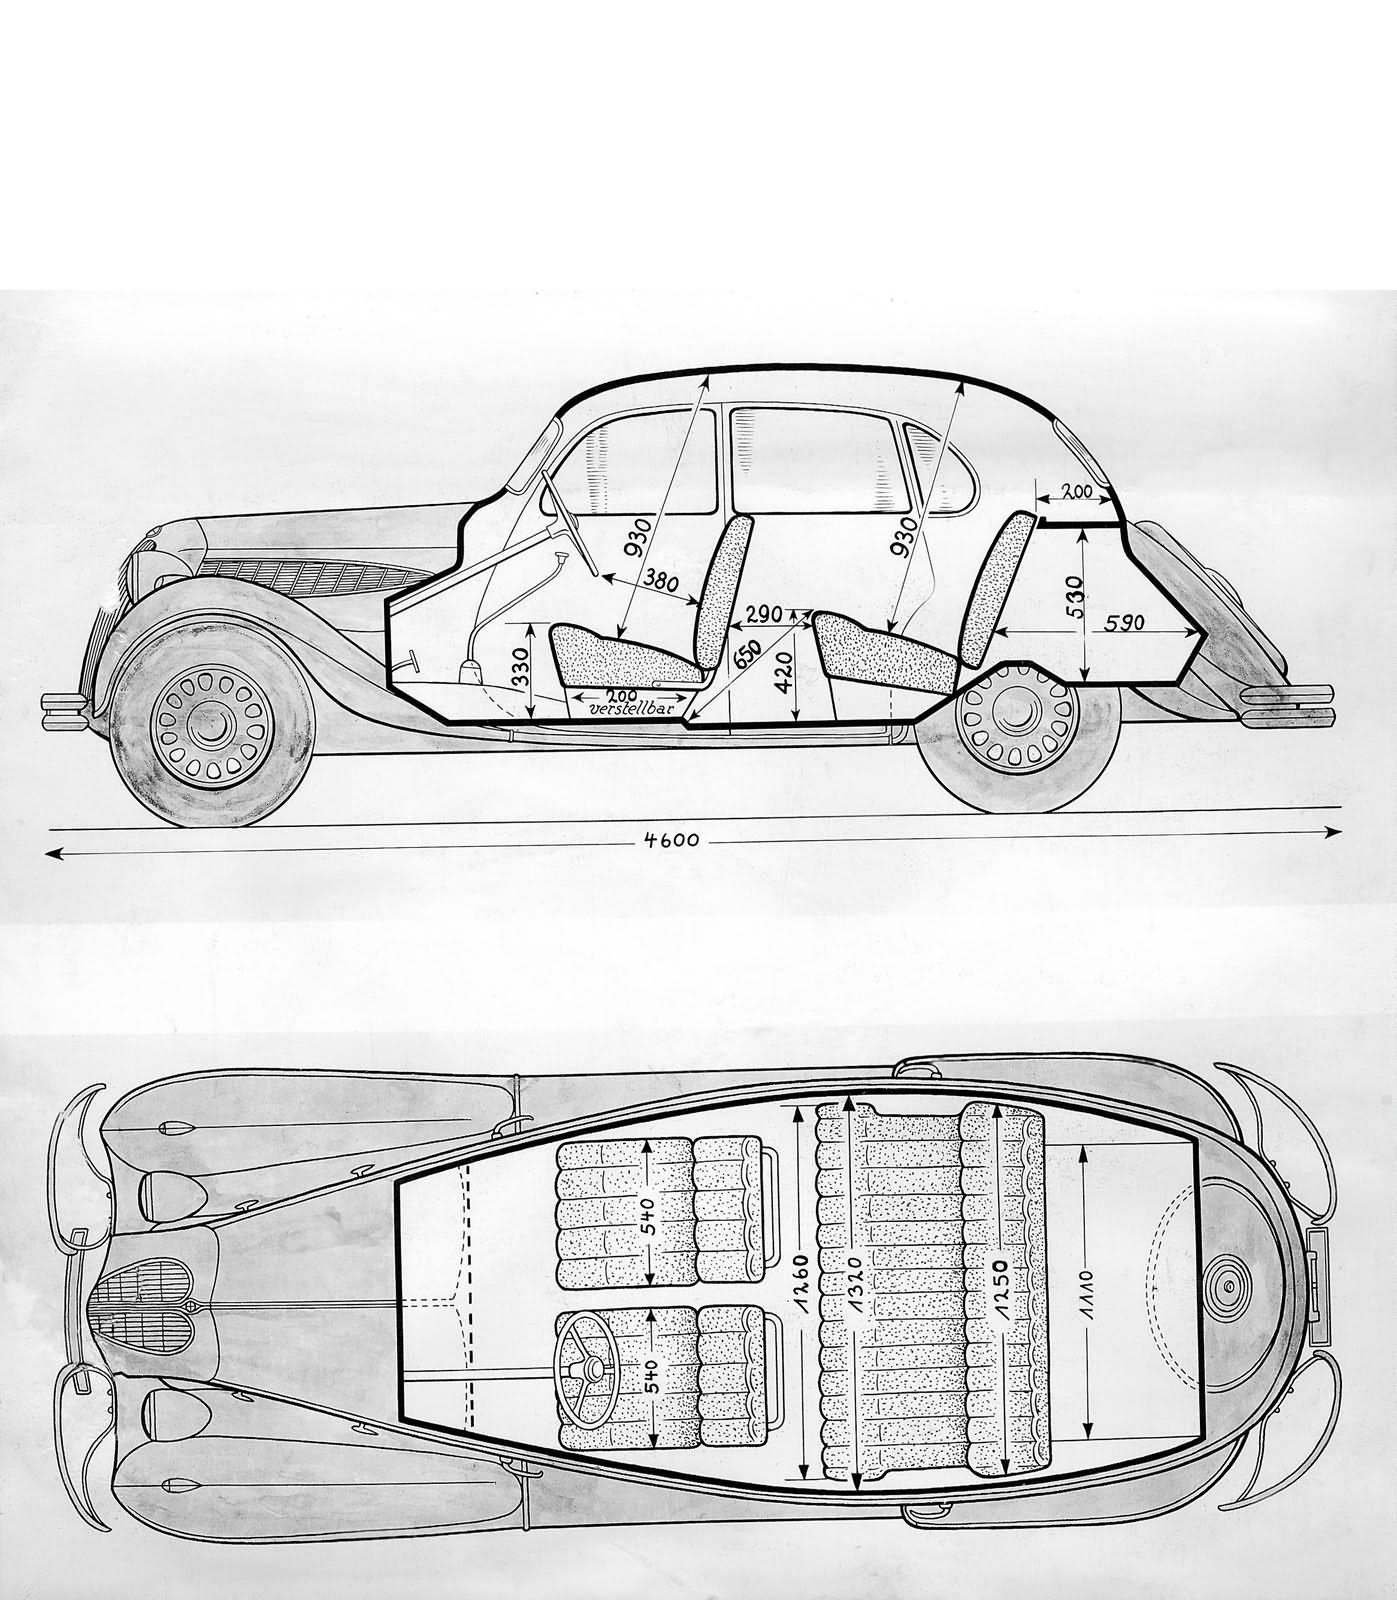 Automobile von BMW - Markenzeichen der Innovation